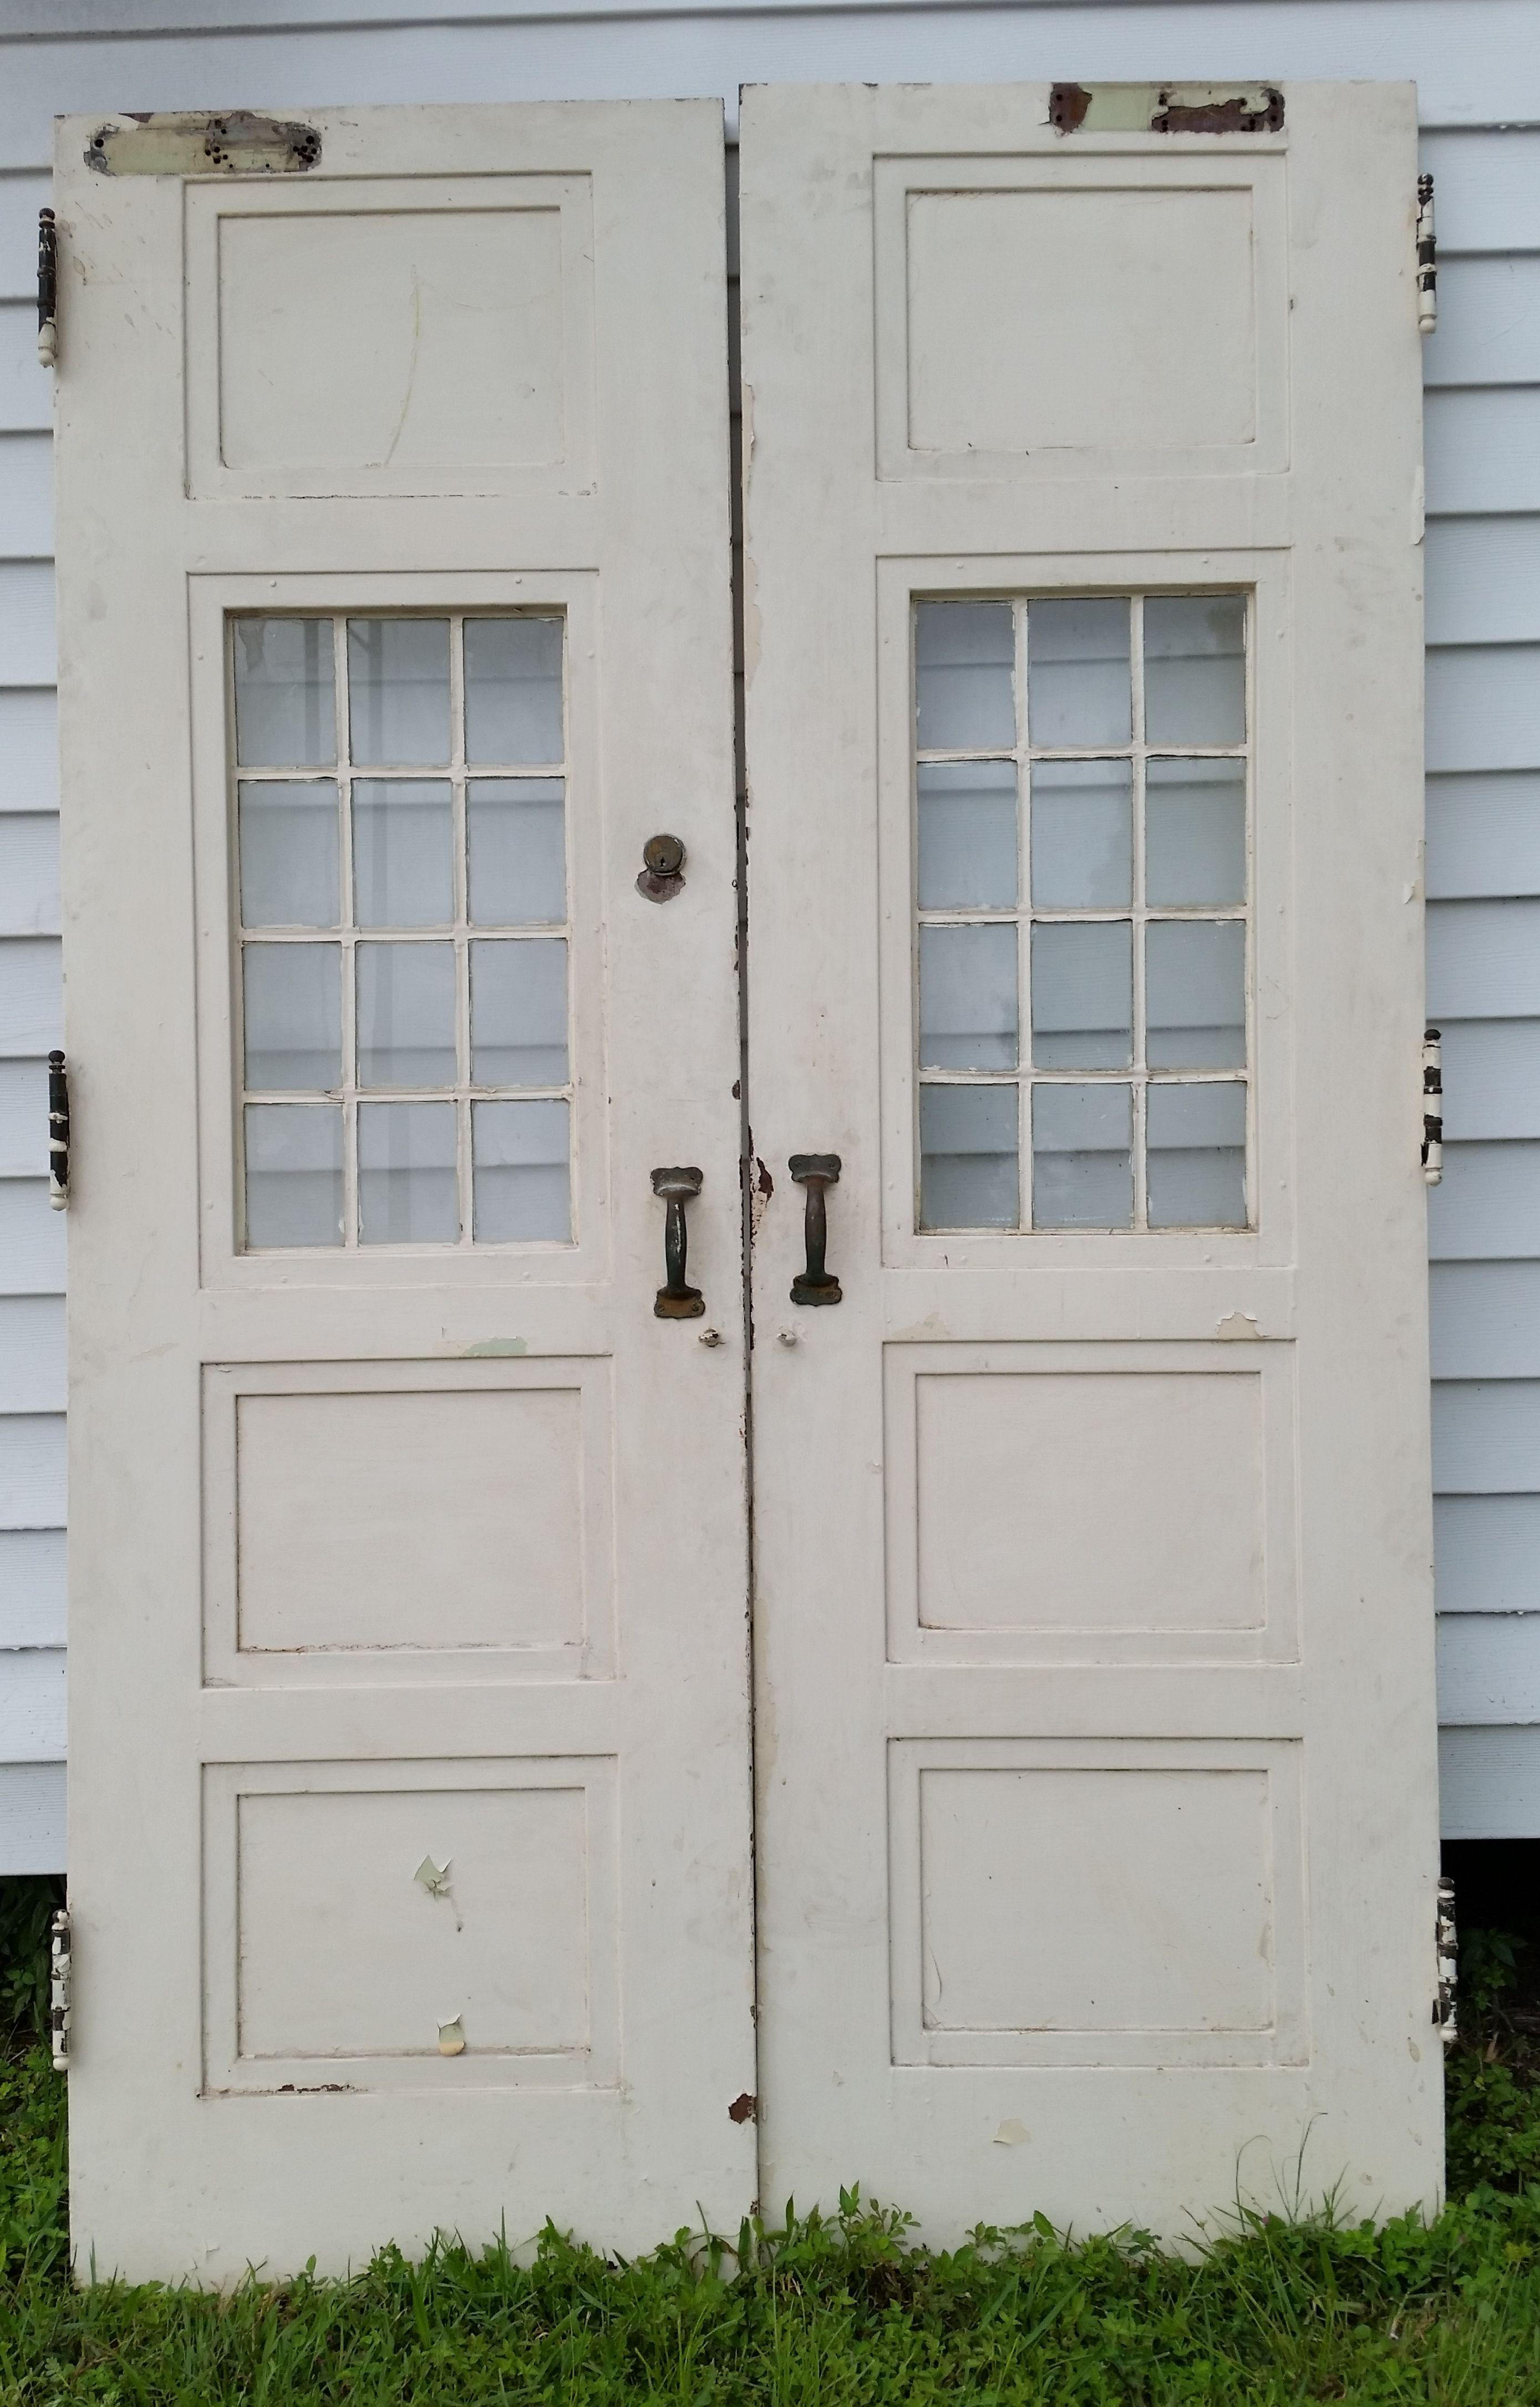 brc deco panels tattoos doors en pann double decorative commercial door steel shapes with brown